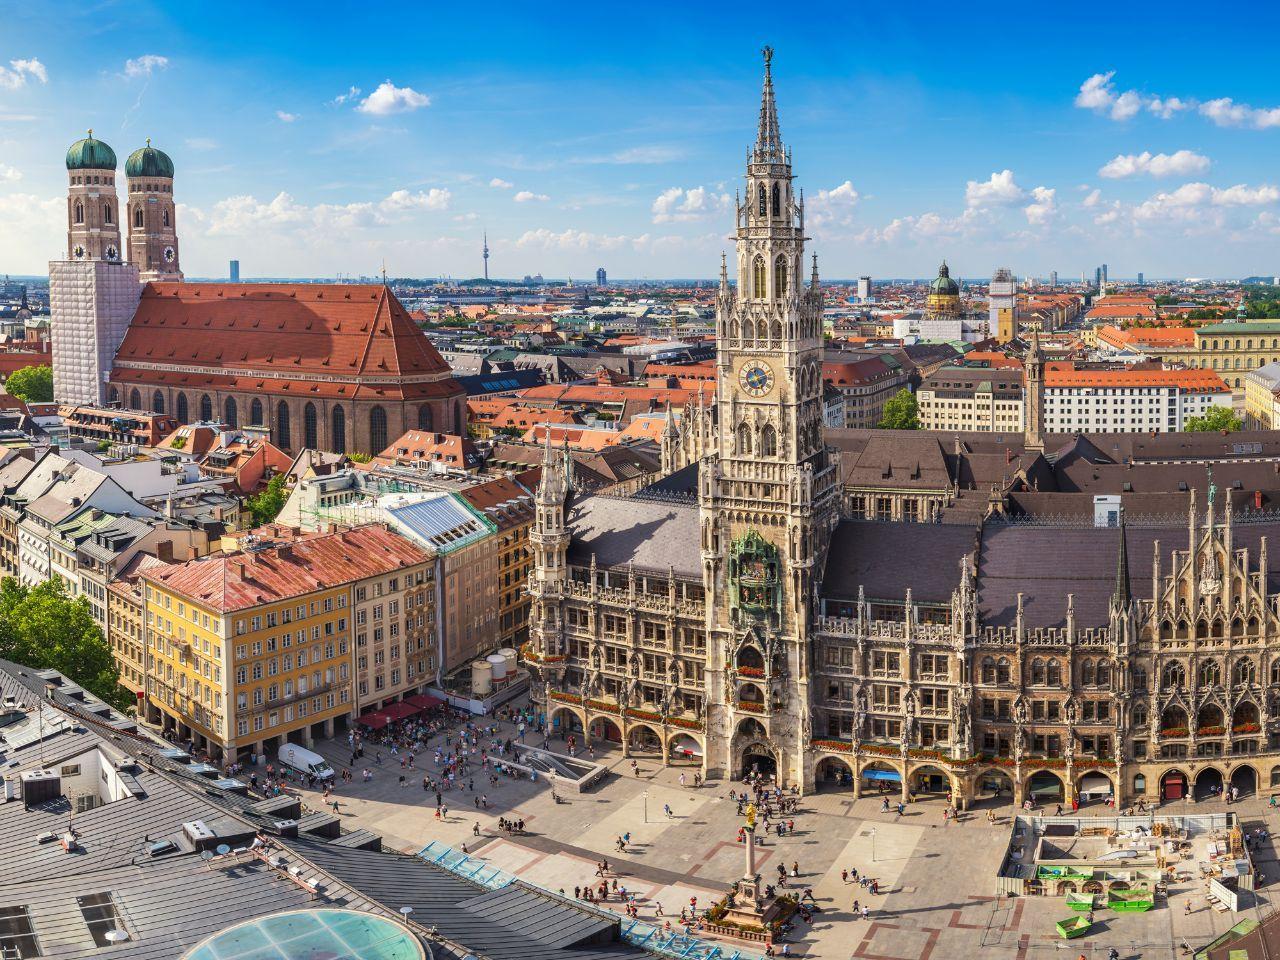 Der Marienplatz Deutsche Sehenswurdigkeiten Deutschland Reisen